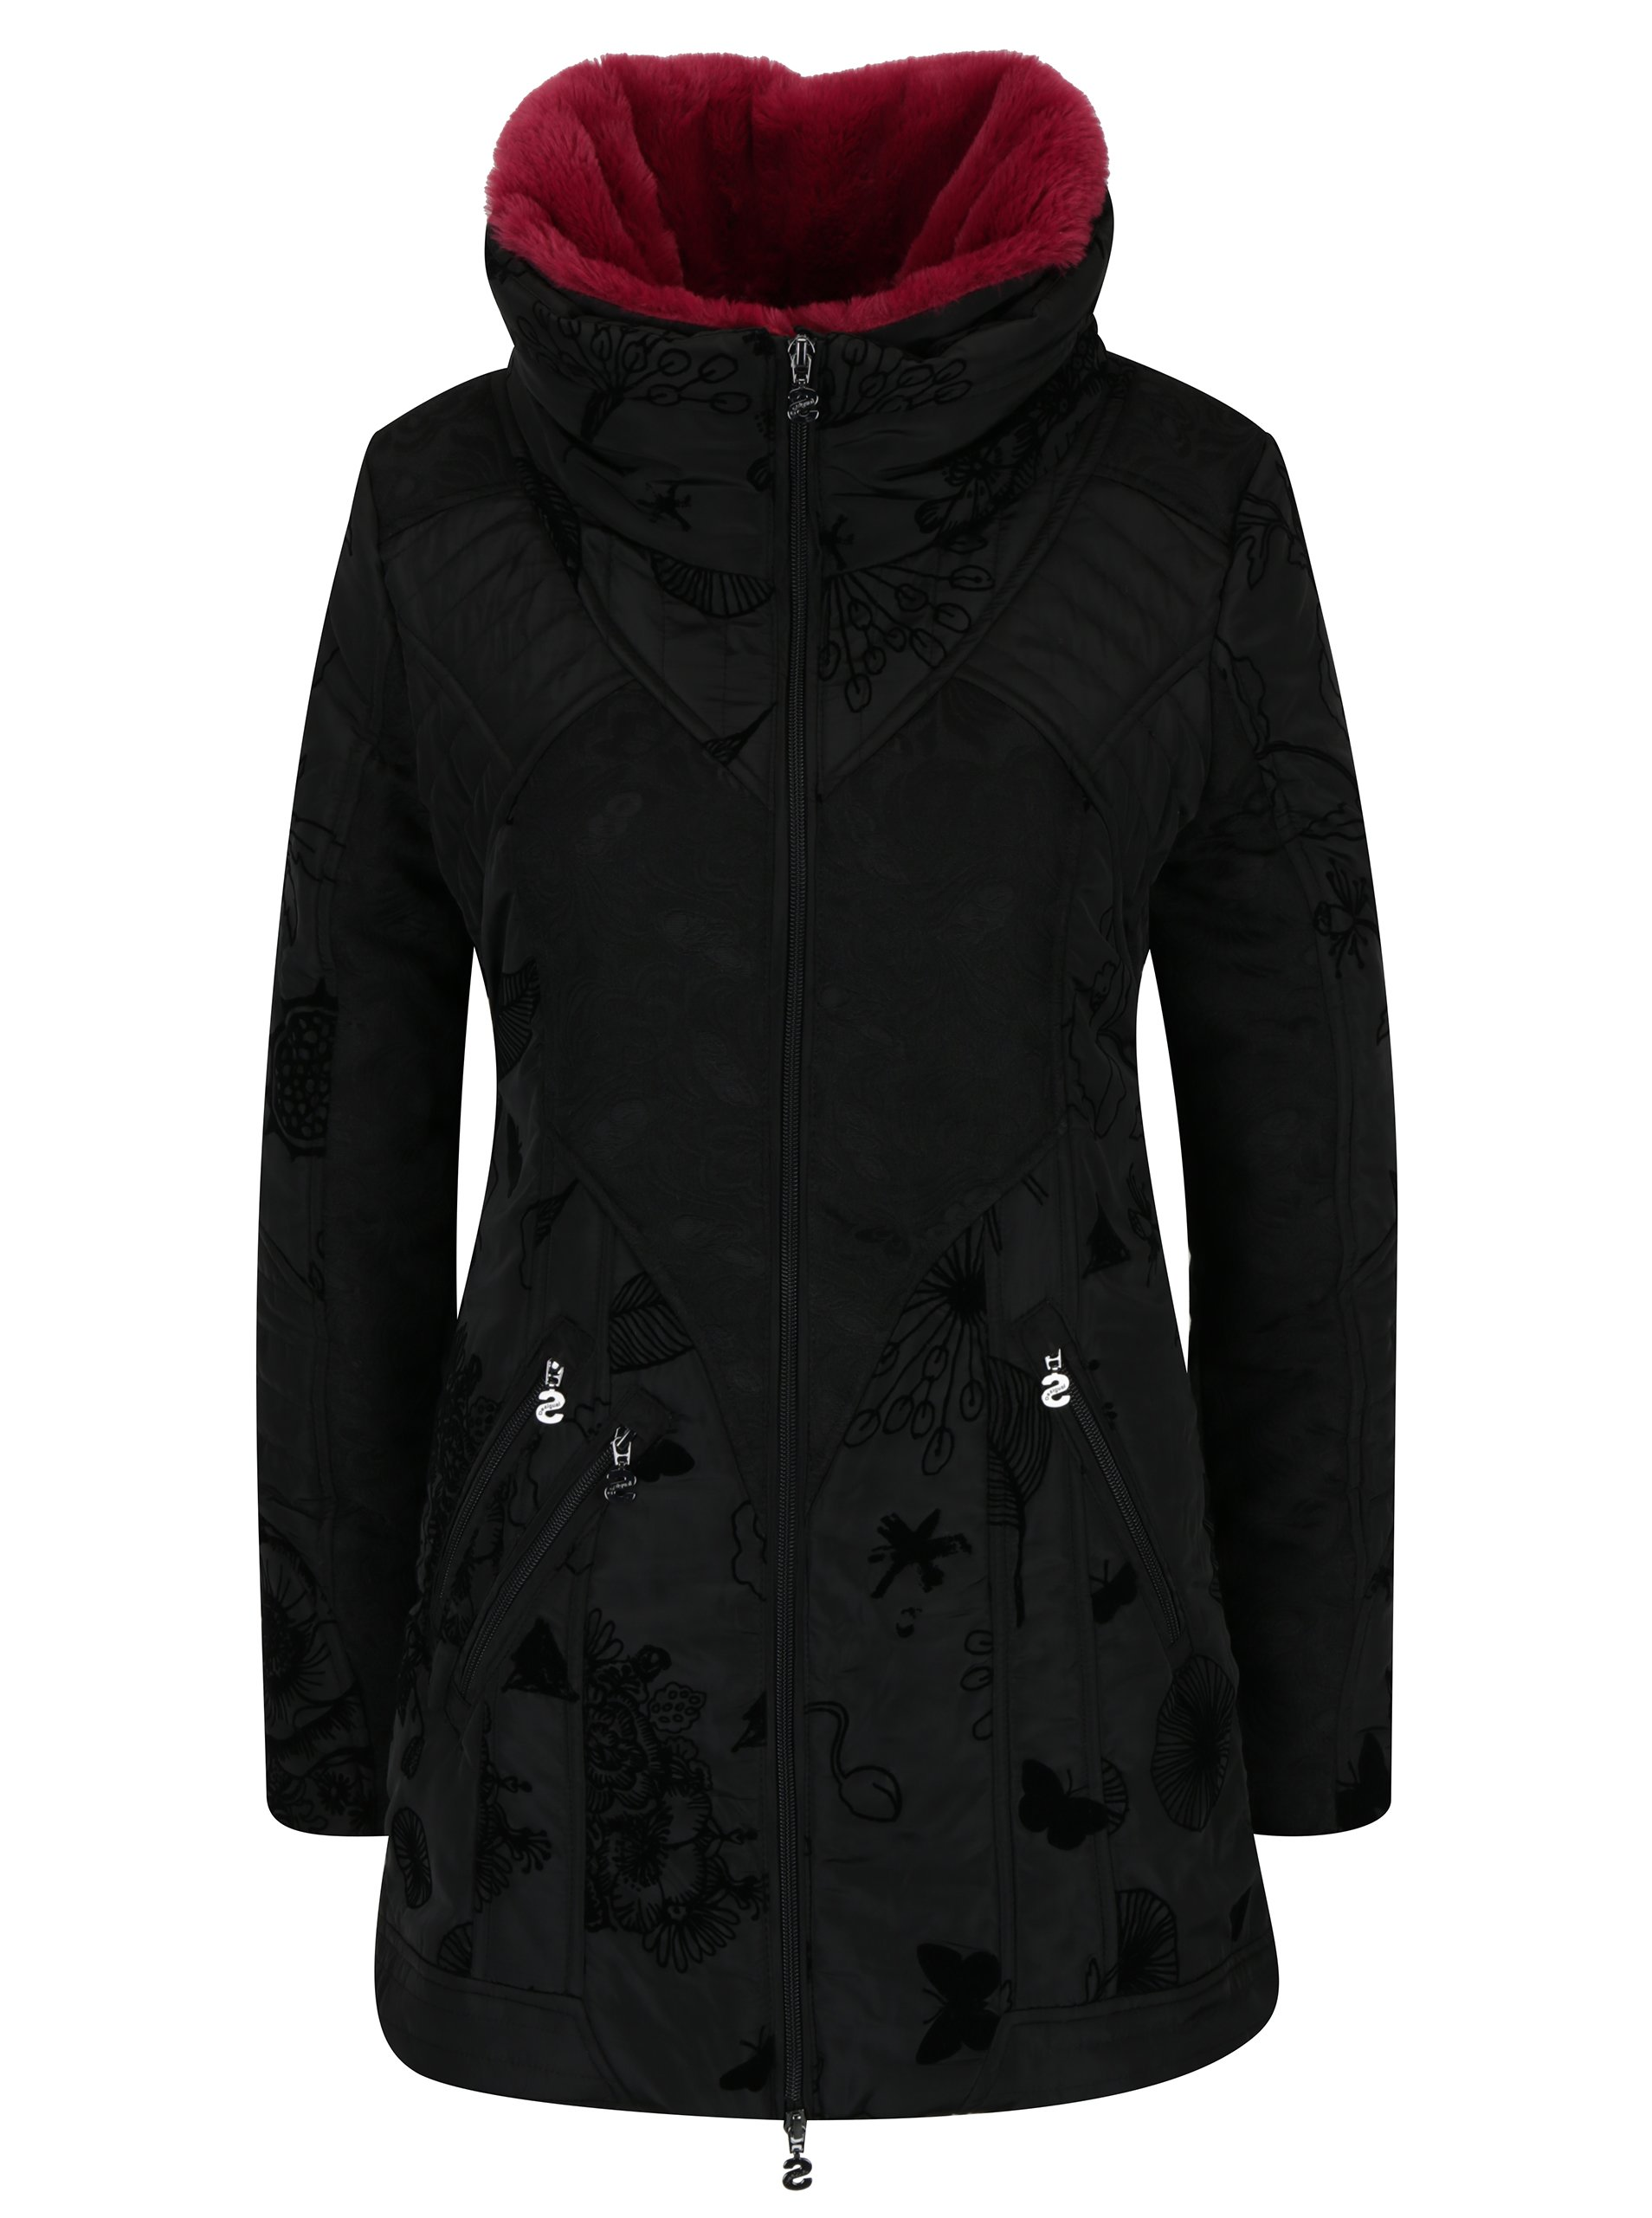 Černý kabát s vysokým límcem a odnímatelnou umělou kožešinou Desigual Bratislava